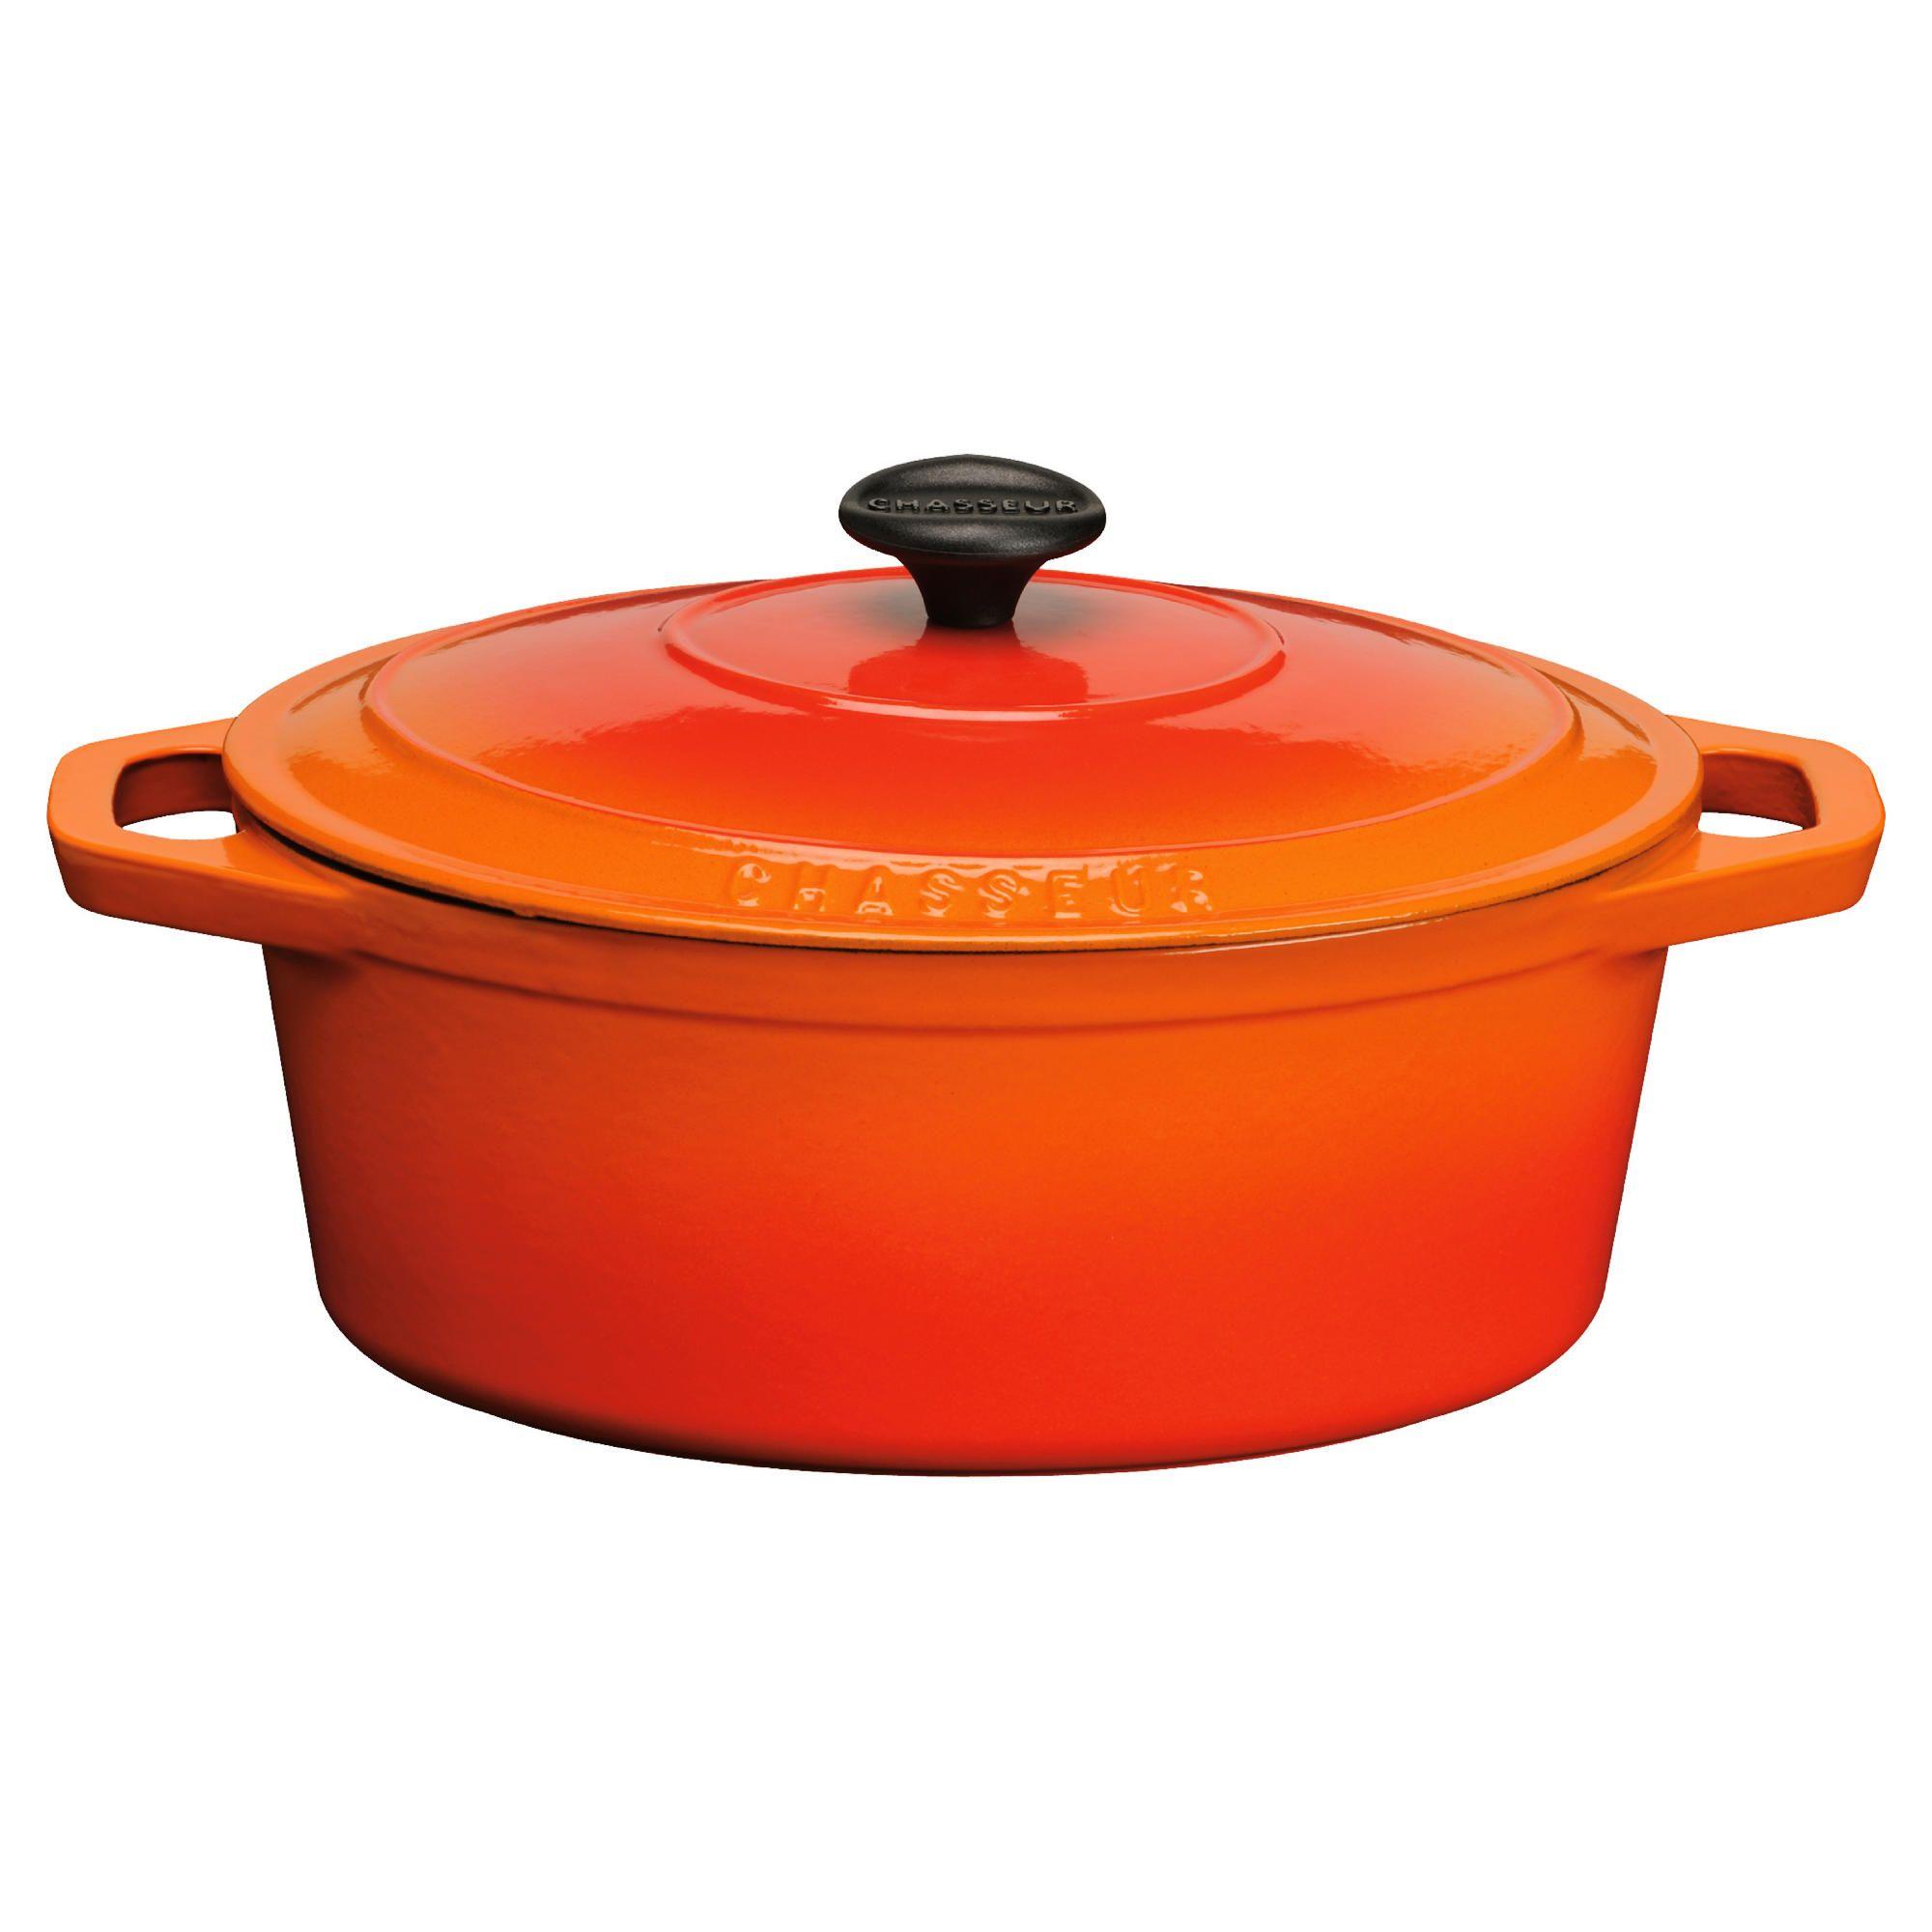 Home and garden la cuisine cookware cast iron 29cm oval for La cuisine 29 x 26cm cast iron grill pan